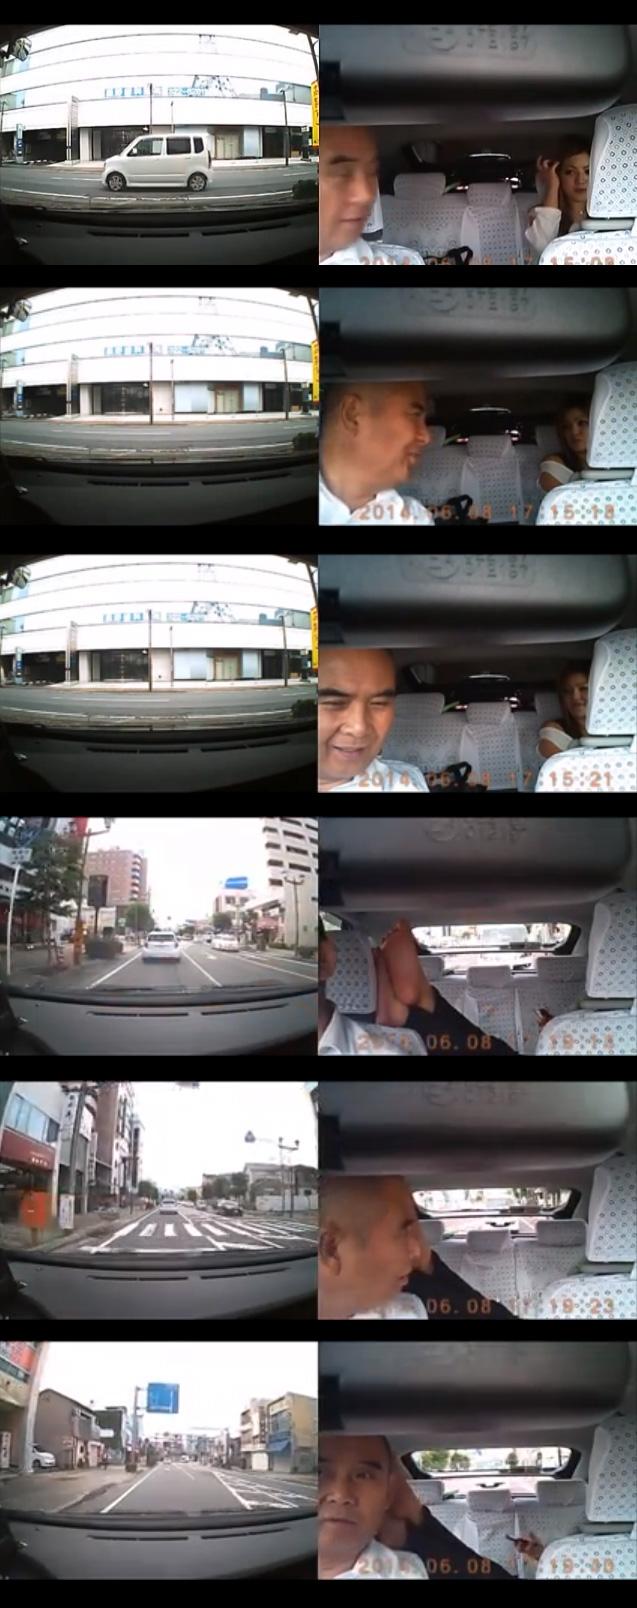 タクシーにギャルが乗車 足を運転席に乗せる